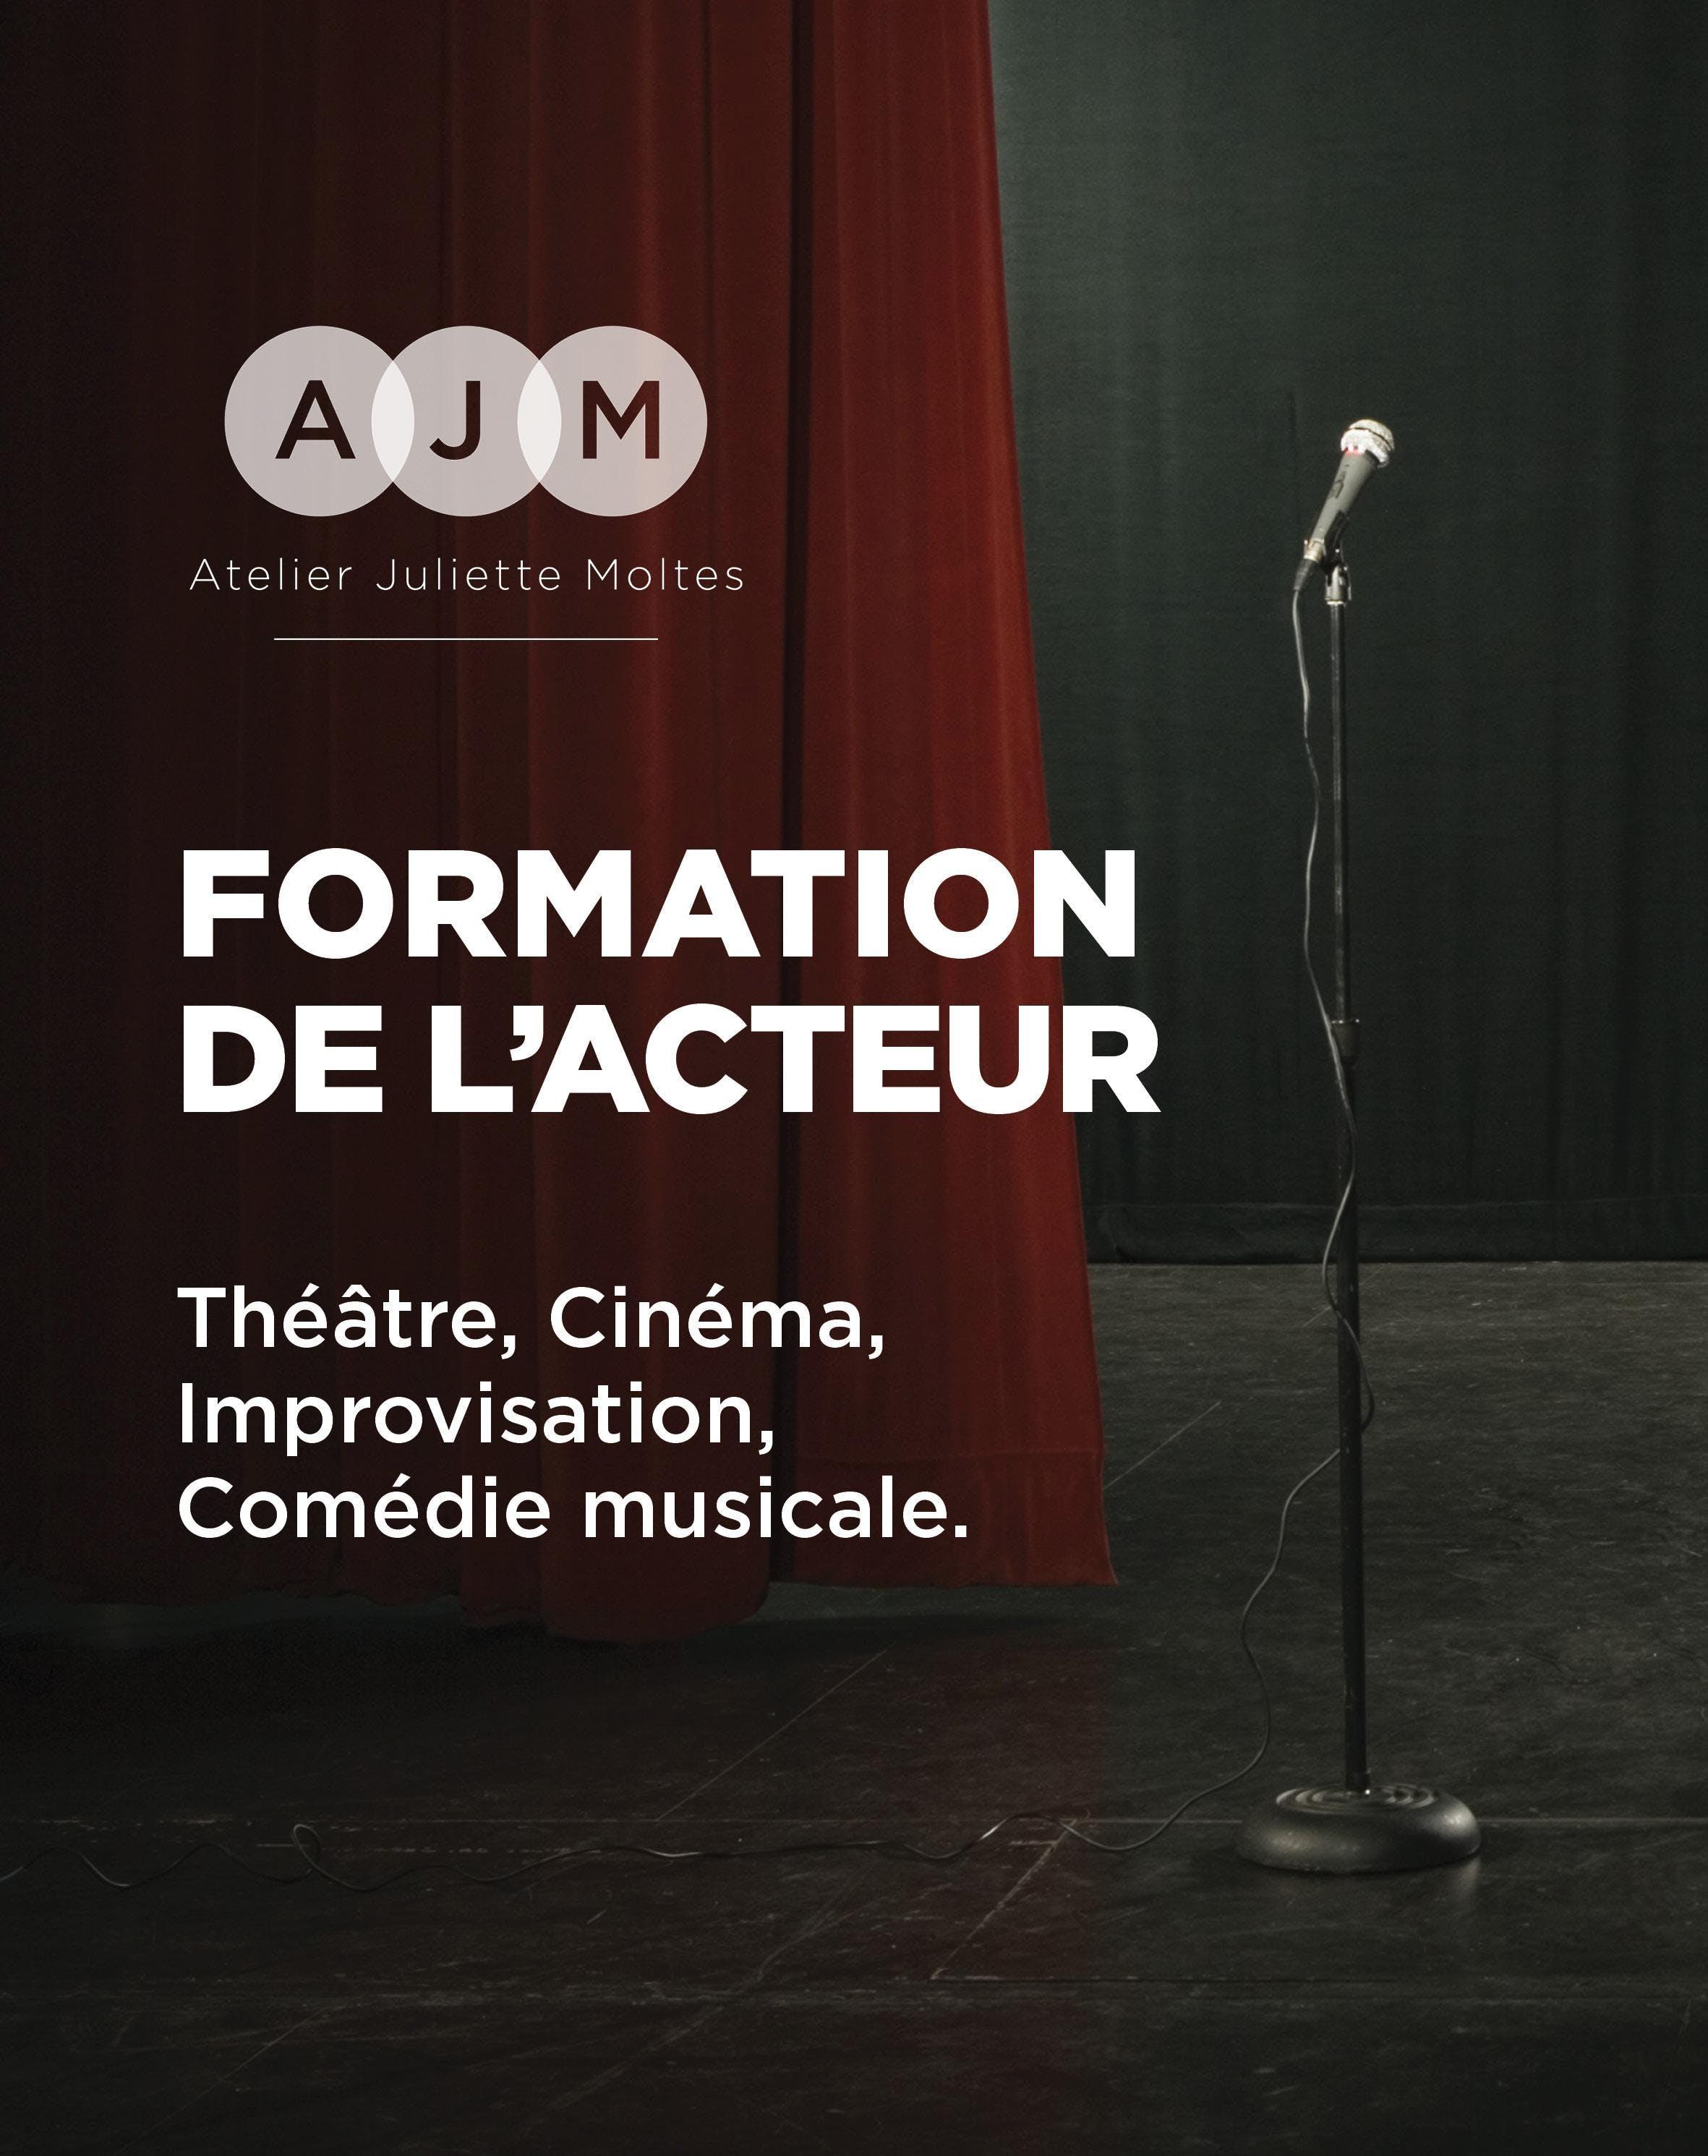 Ecole Atelier Juliette Moltes : Formation de l'acteur